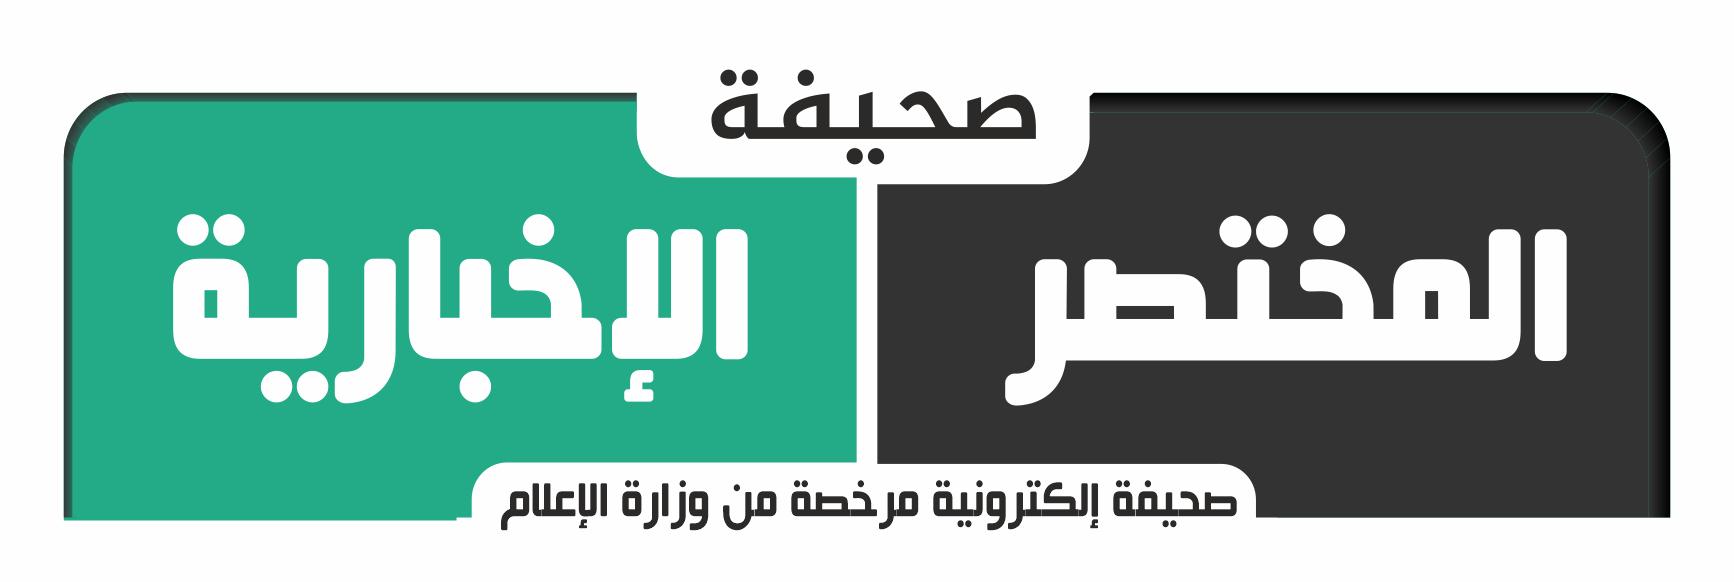 صحيفة المختصر الإخبارية